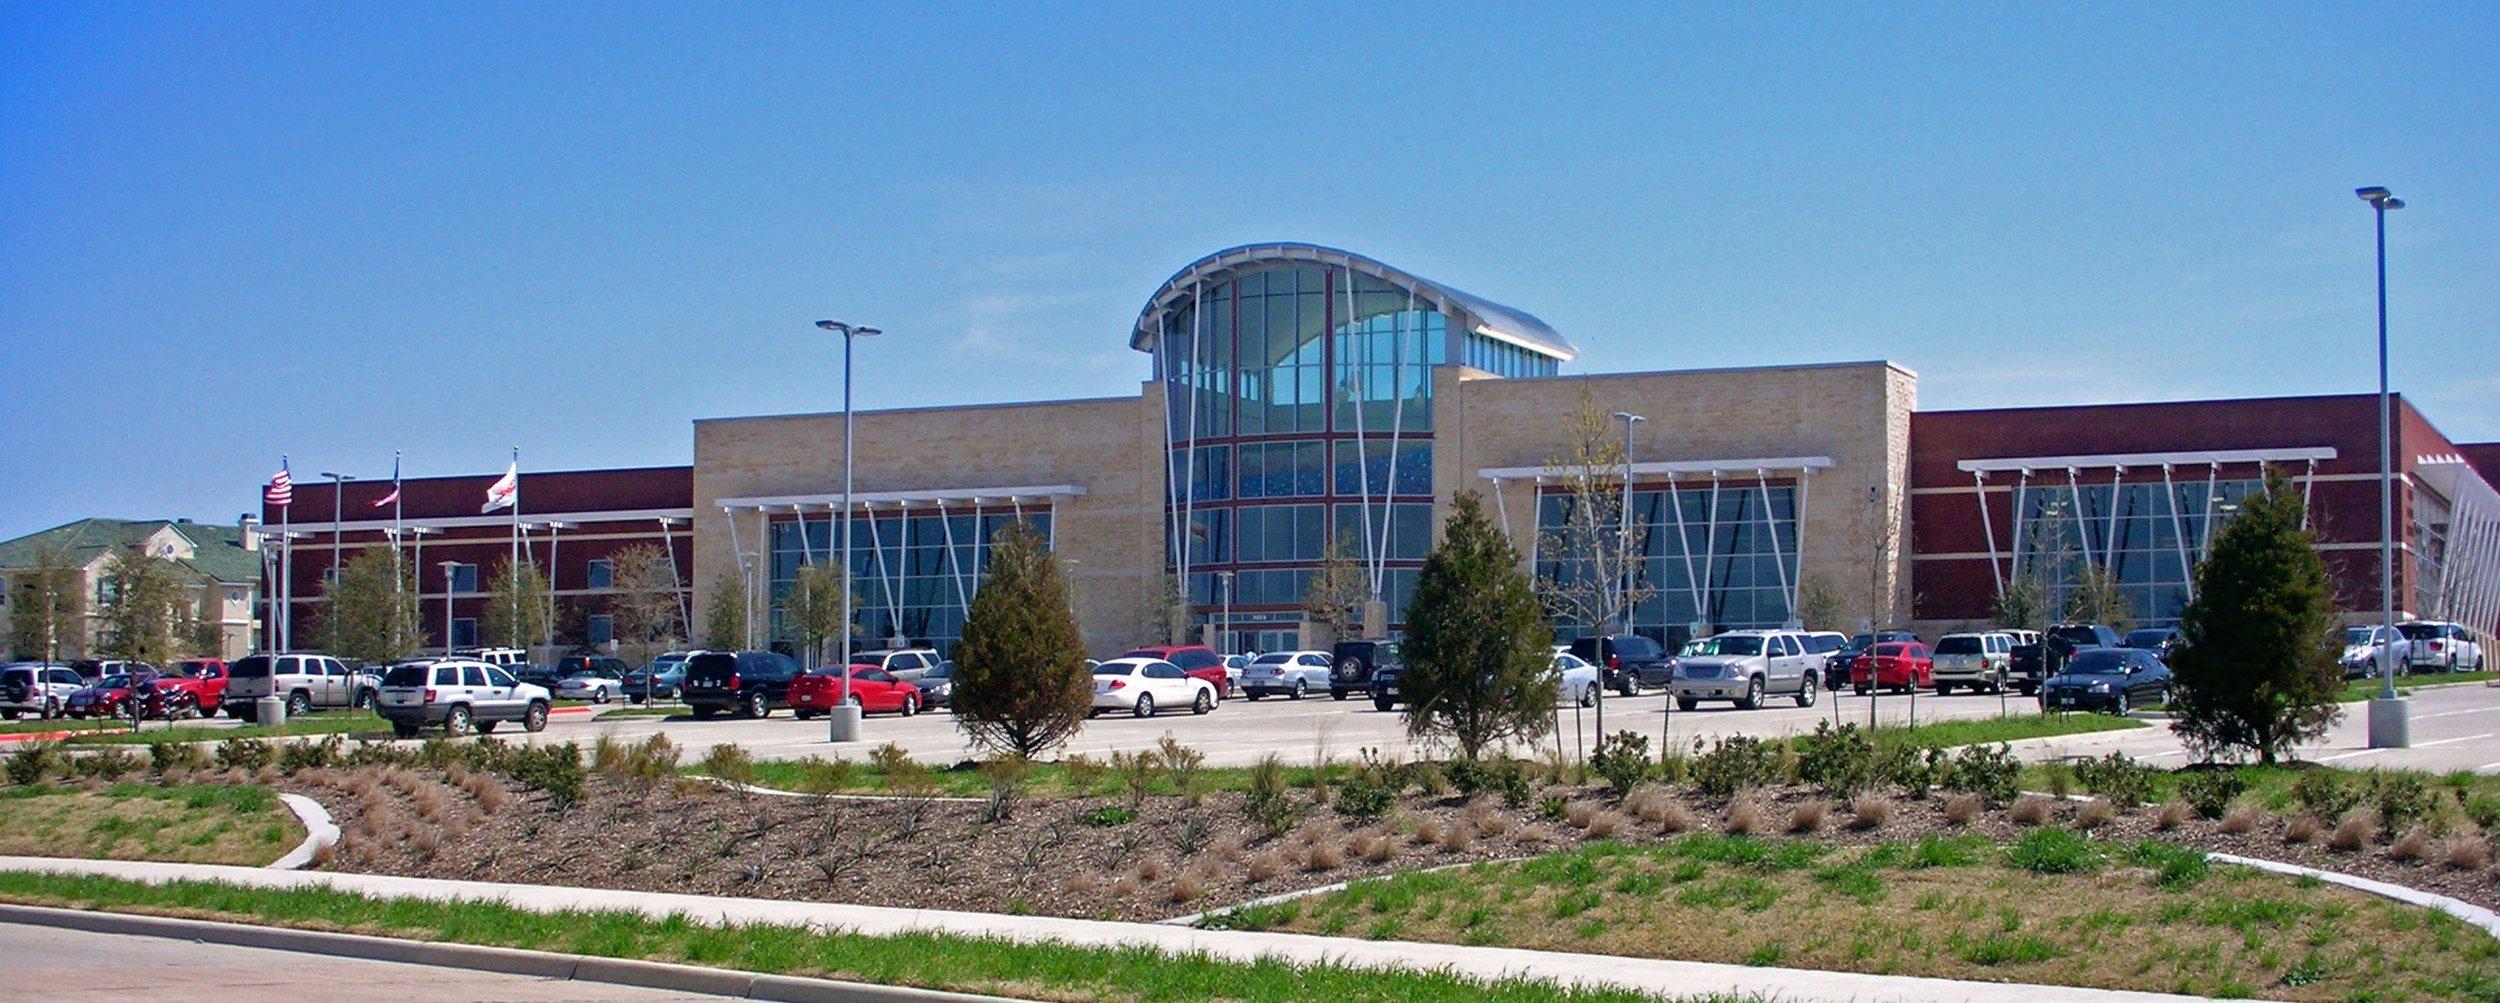 Frisco Recreation Center Frisco, TX.jpg